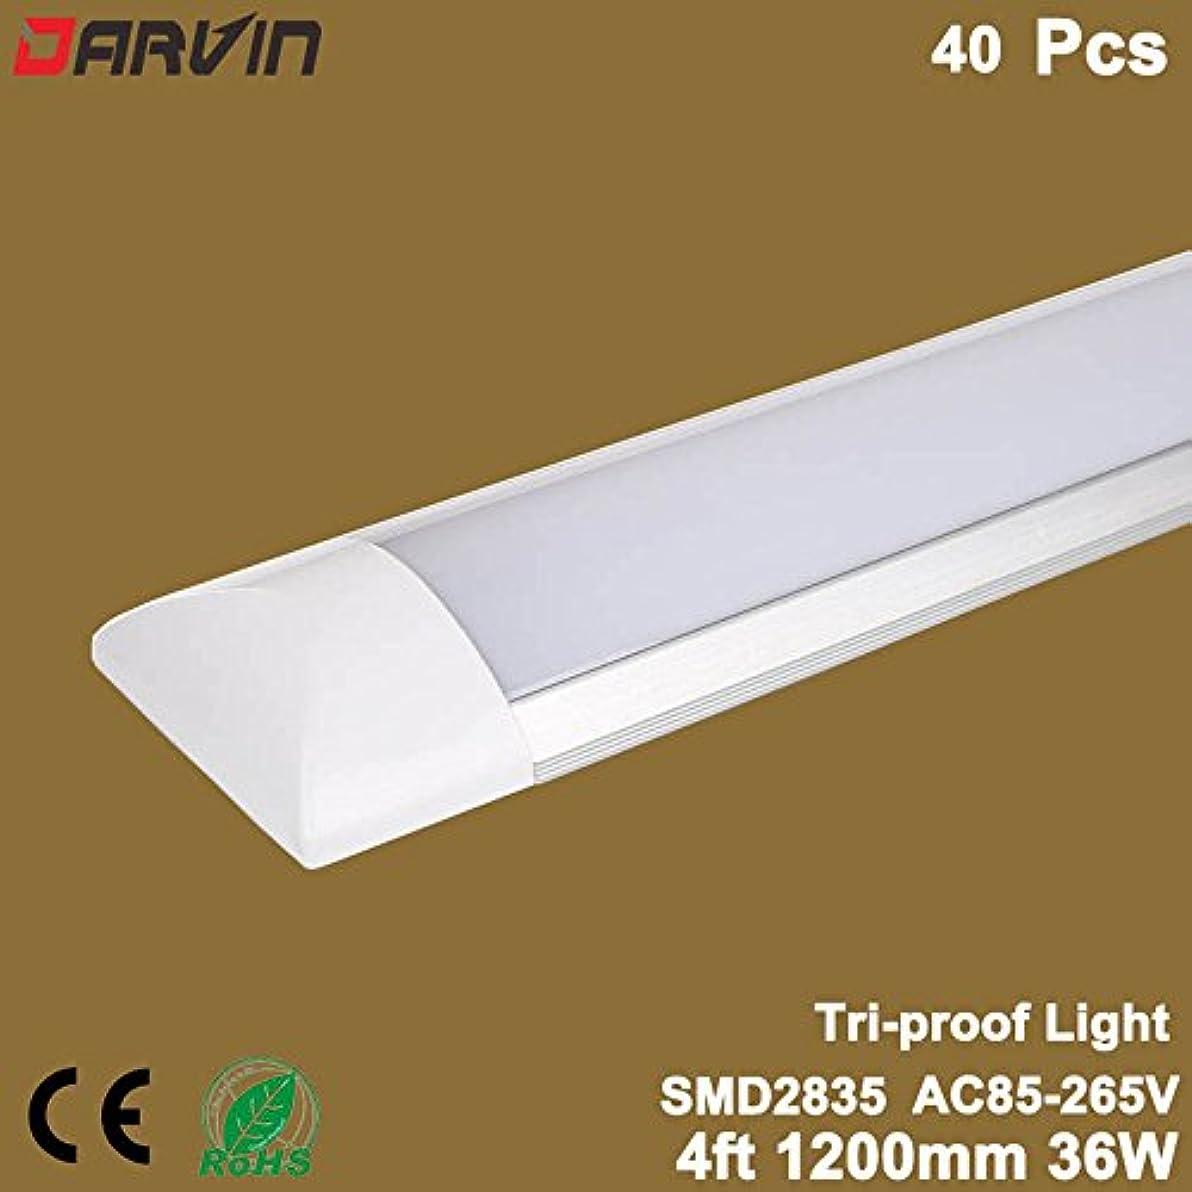 寝室を掃除する円周ランドマーク4フィートの床張り板をきれいに浄化を集積化した光ledライト36 w 1200 mm直線110、20個/ロット (Cold White 6500K, Milky Cover)